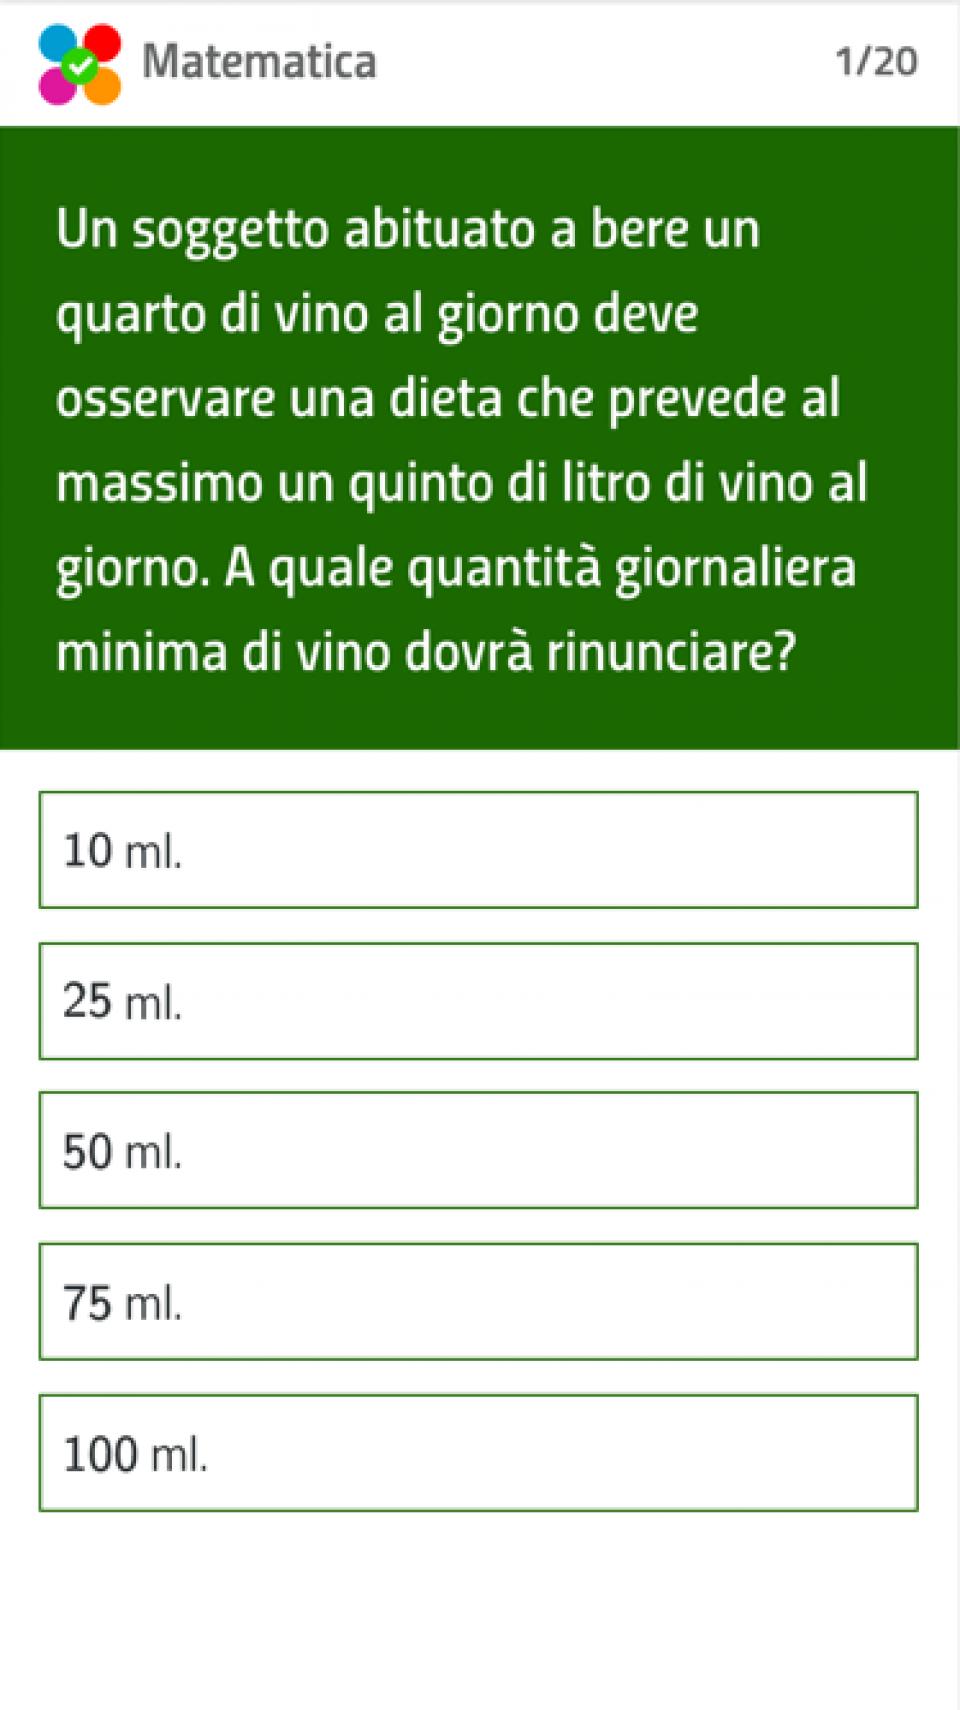 chialab-zanichelli-universitapp-app-03.png